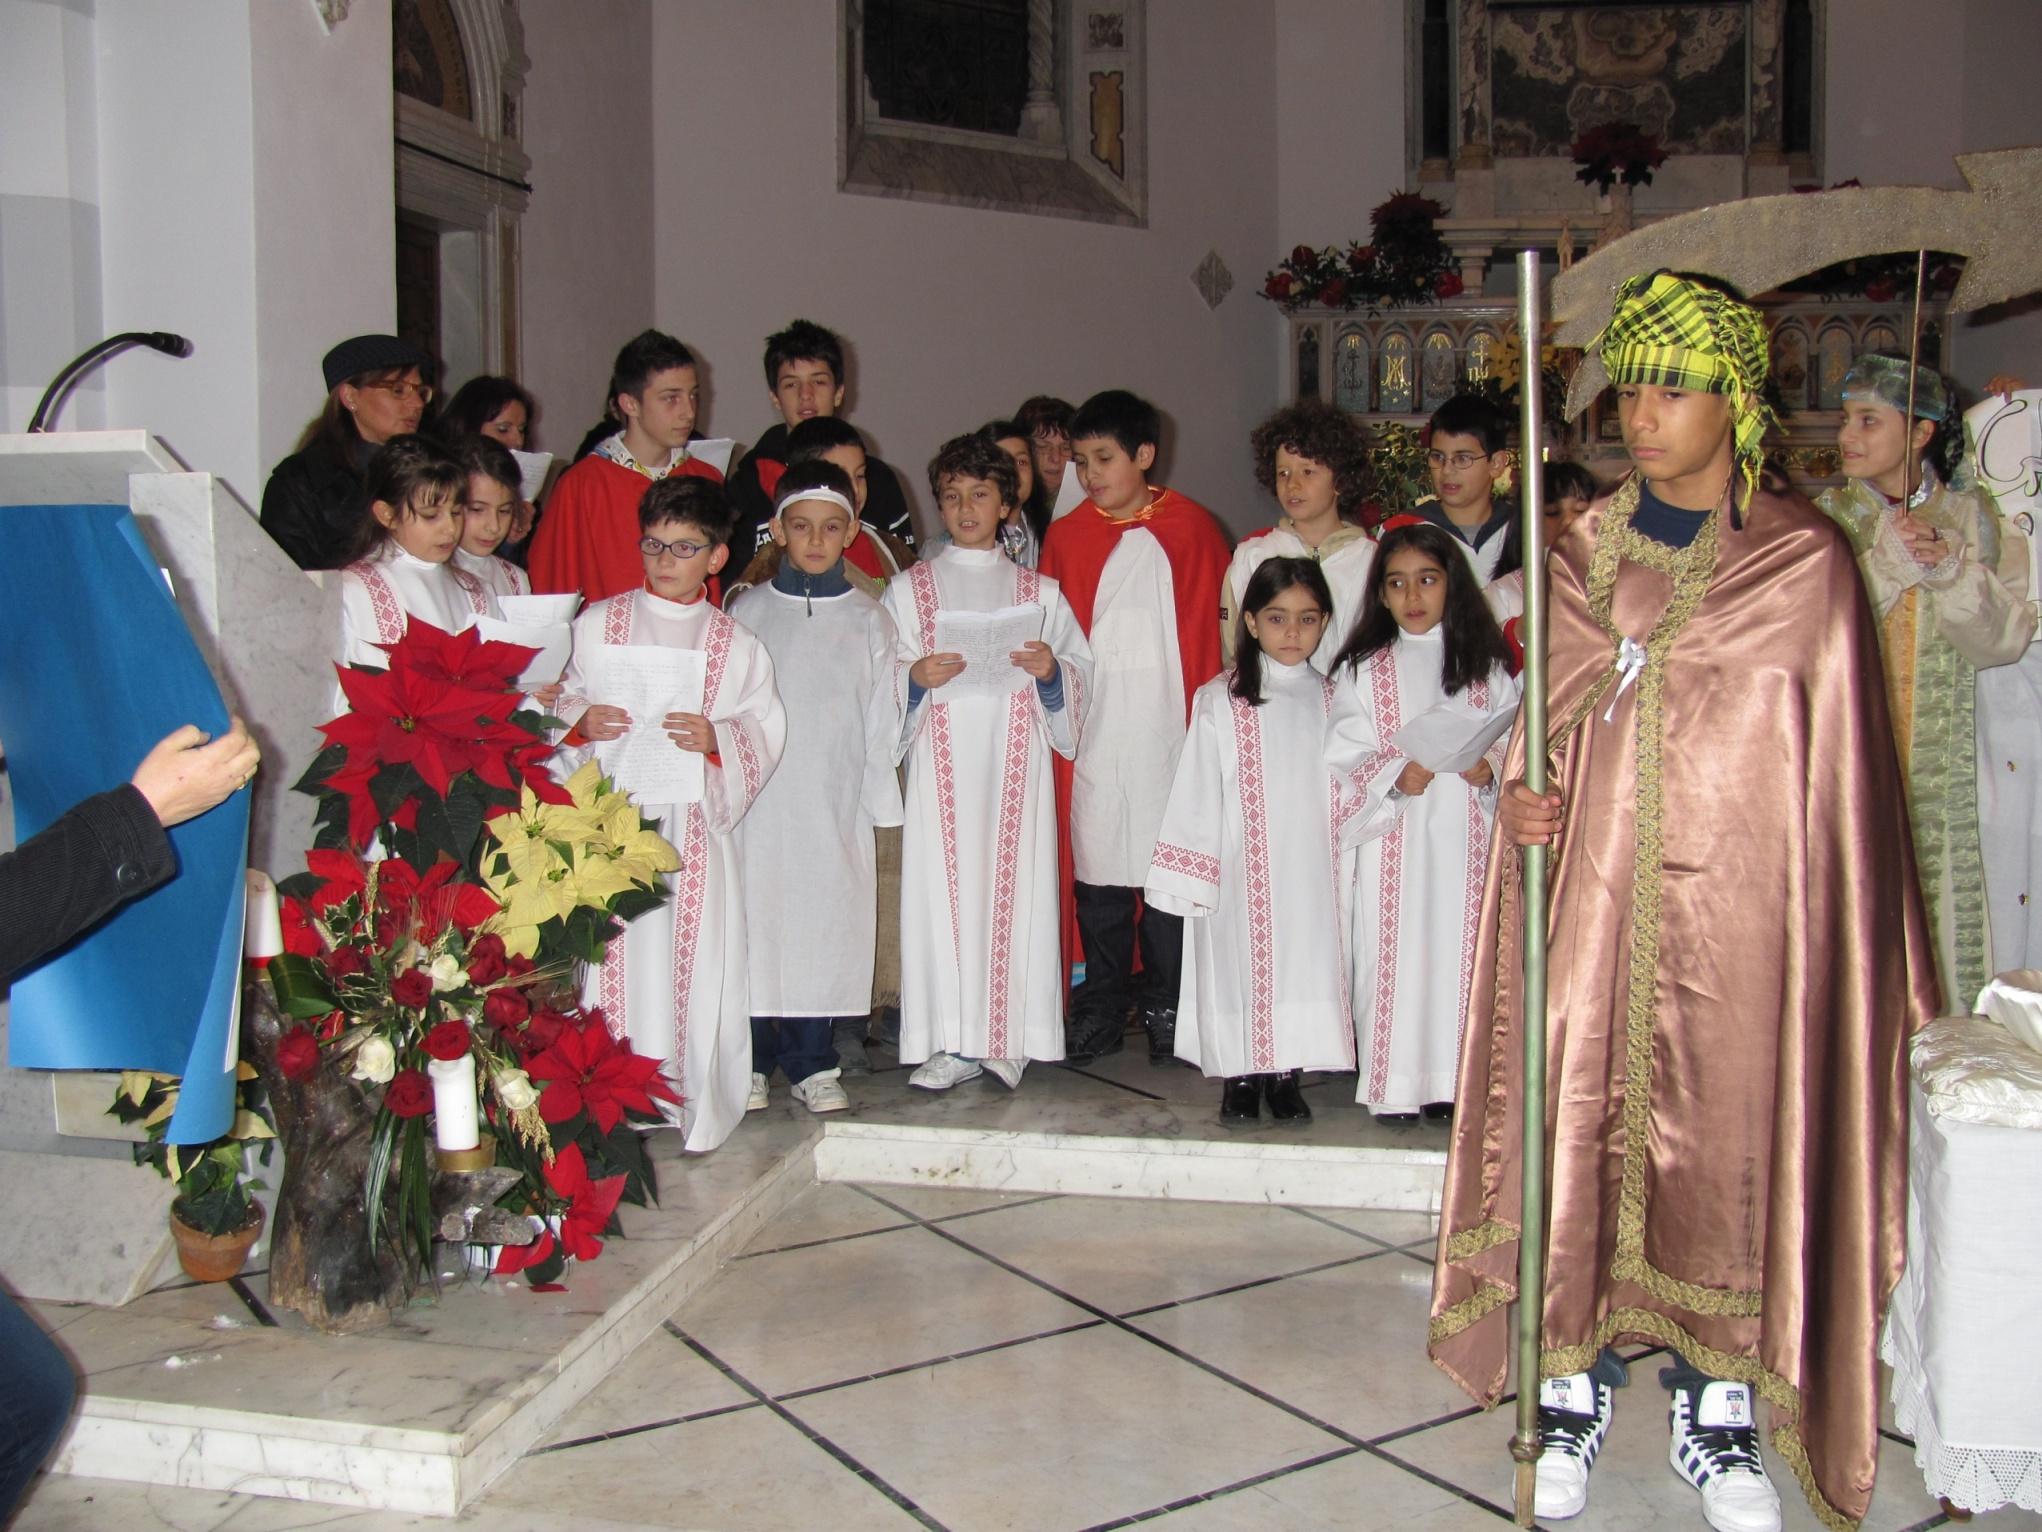 natale_recita_vigilia_2010-12-24-17-44-32